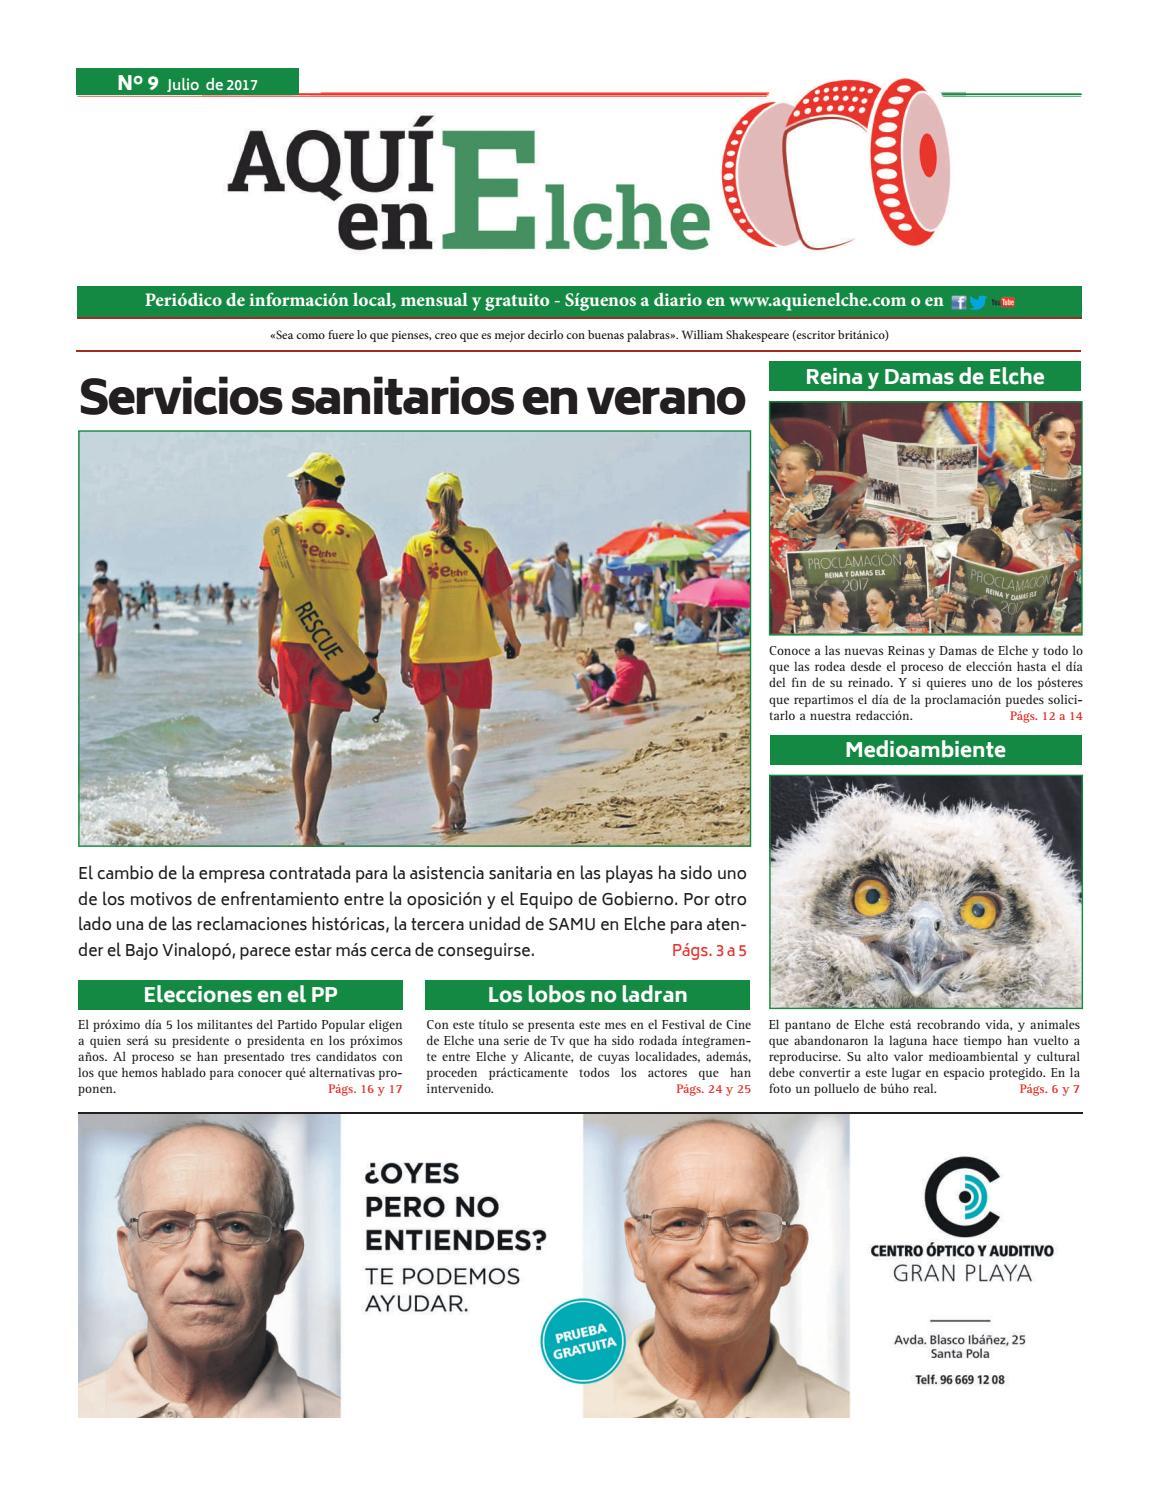 0f0f11802d AQUÍ en Elche (número 9 - Julio 2017) by aquimediosdecomunicacion - issuu